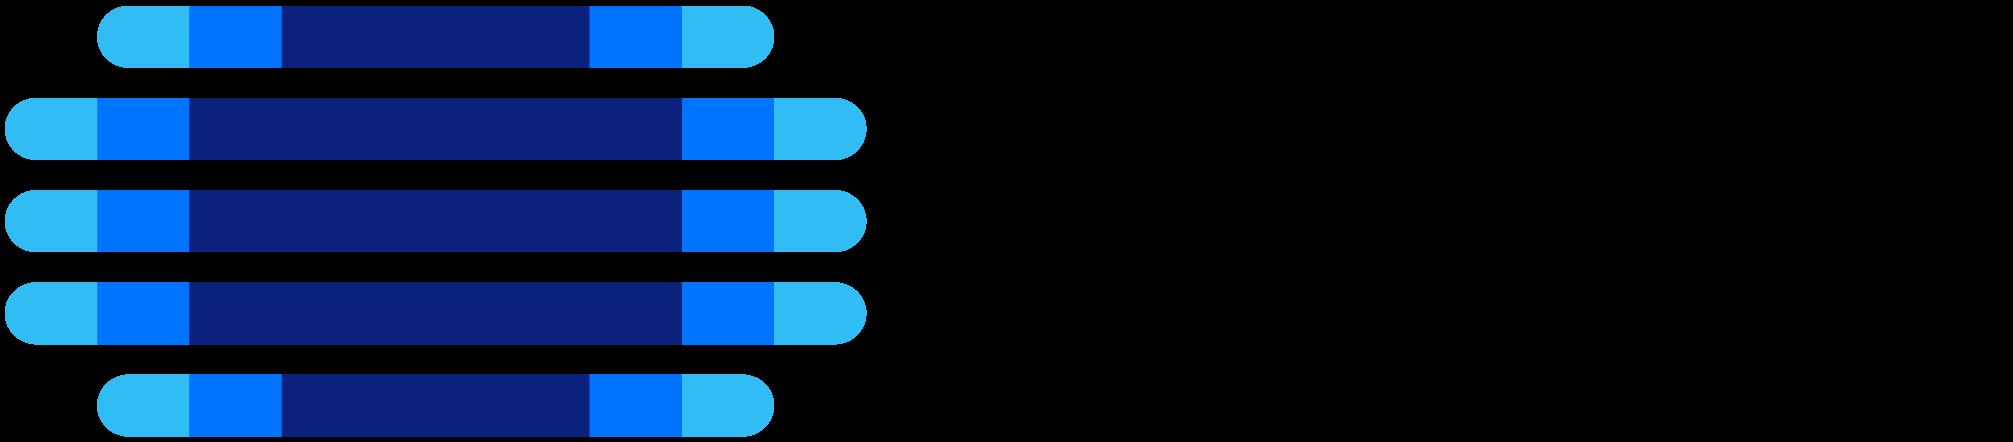 Logotipo da RTP